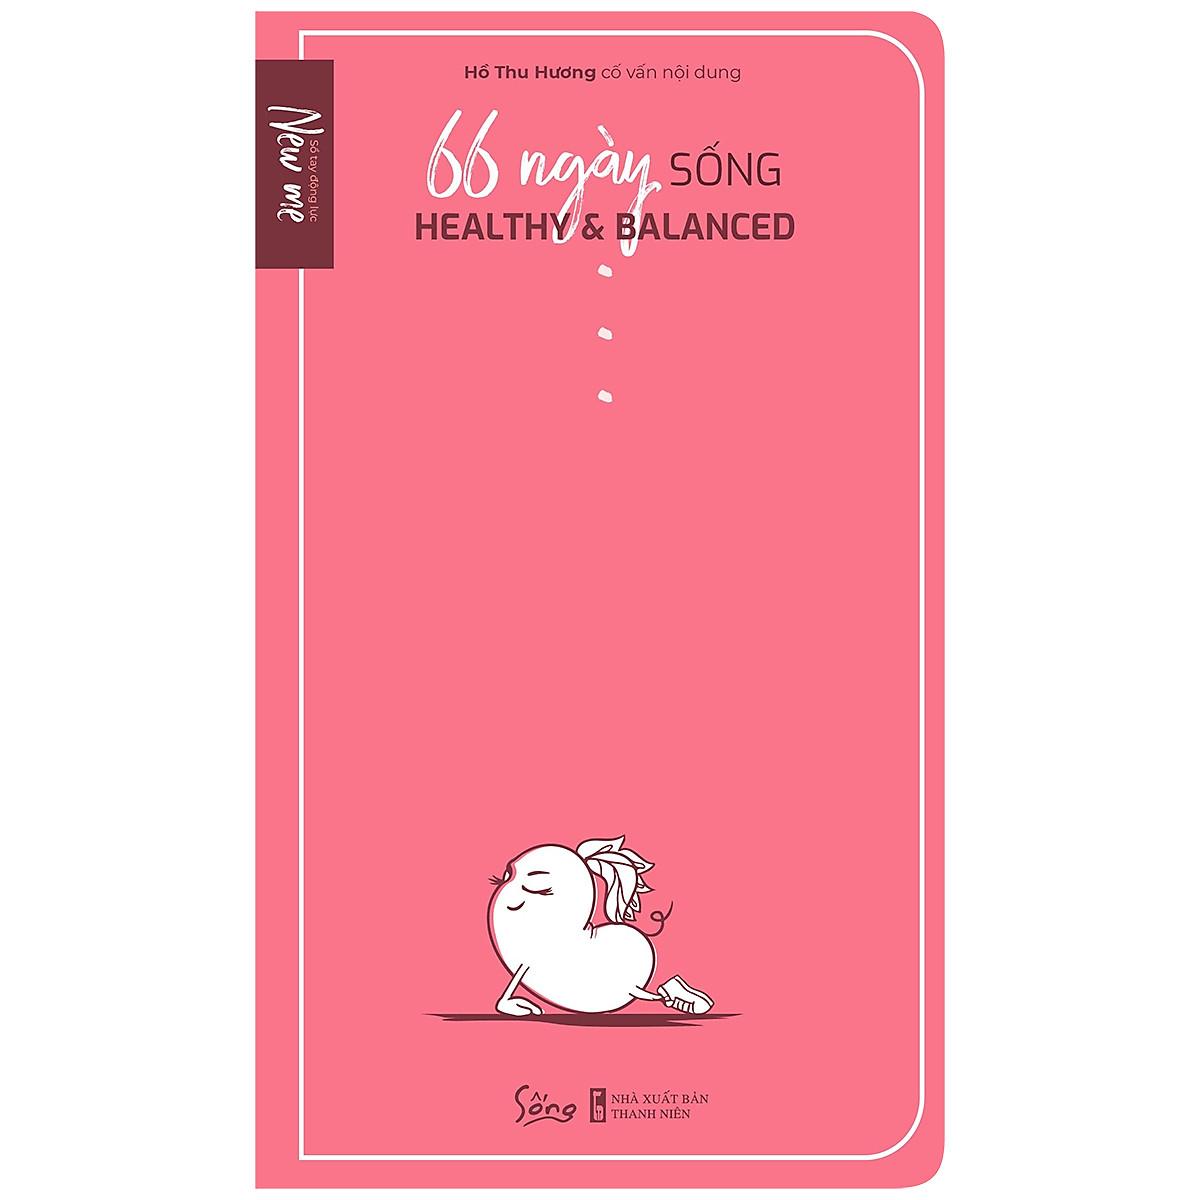 Combo 2 cuốn sách: Tế Bào Gốc - Bí mật của suối nguồn tươi trẻ + 66 Ngày Sống Healthy & Balanced